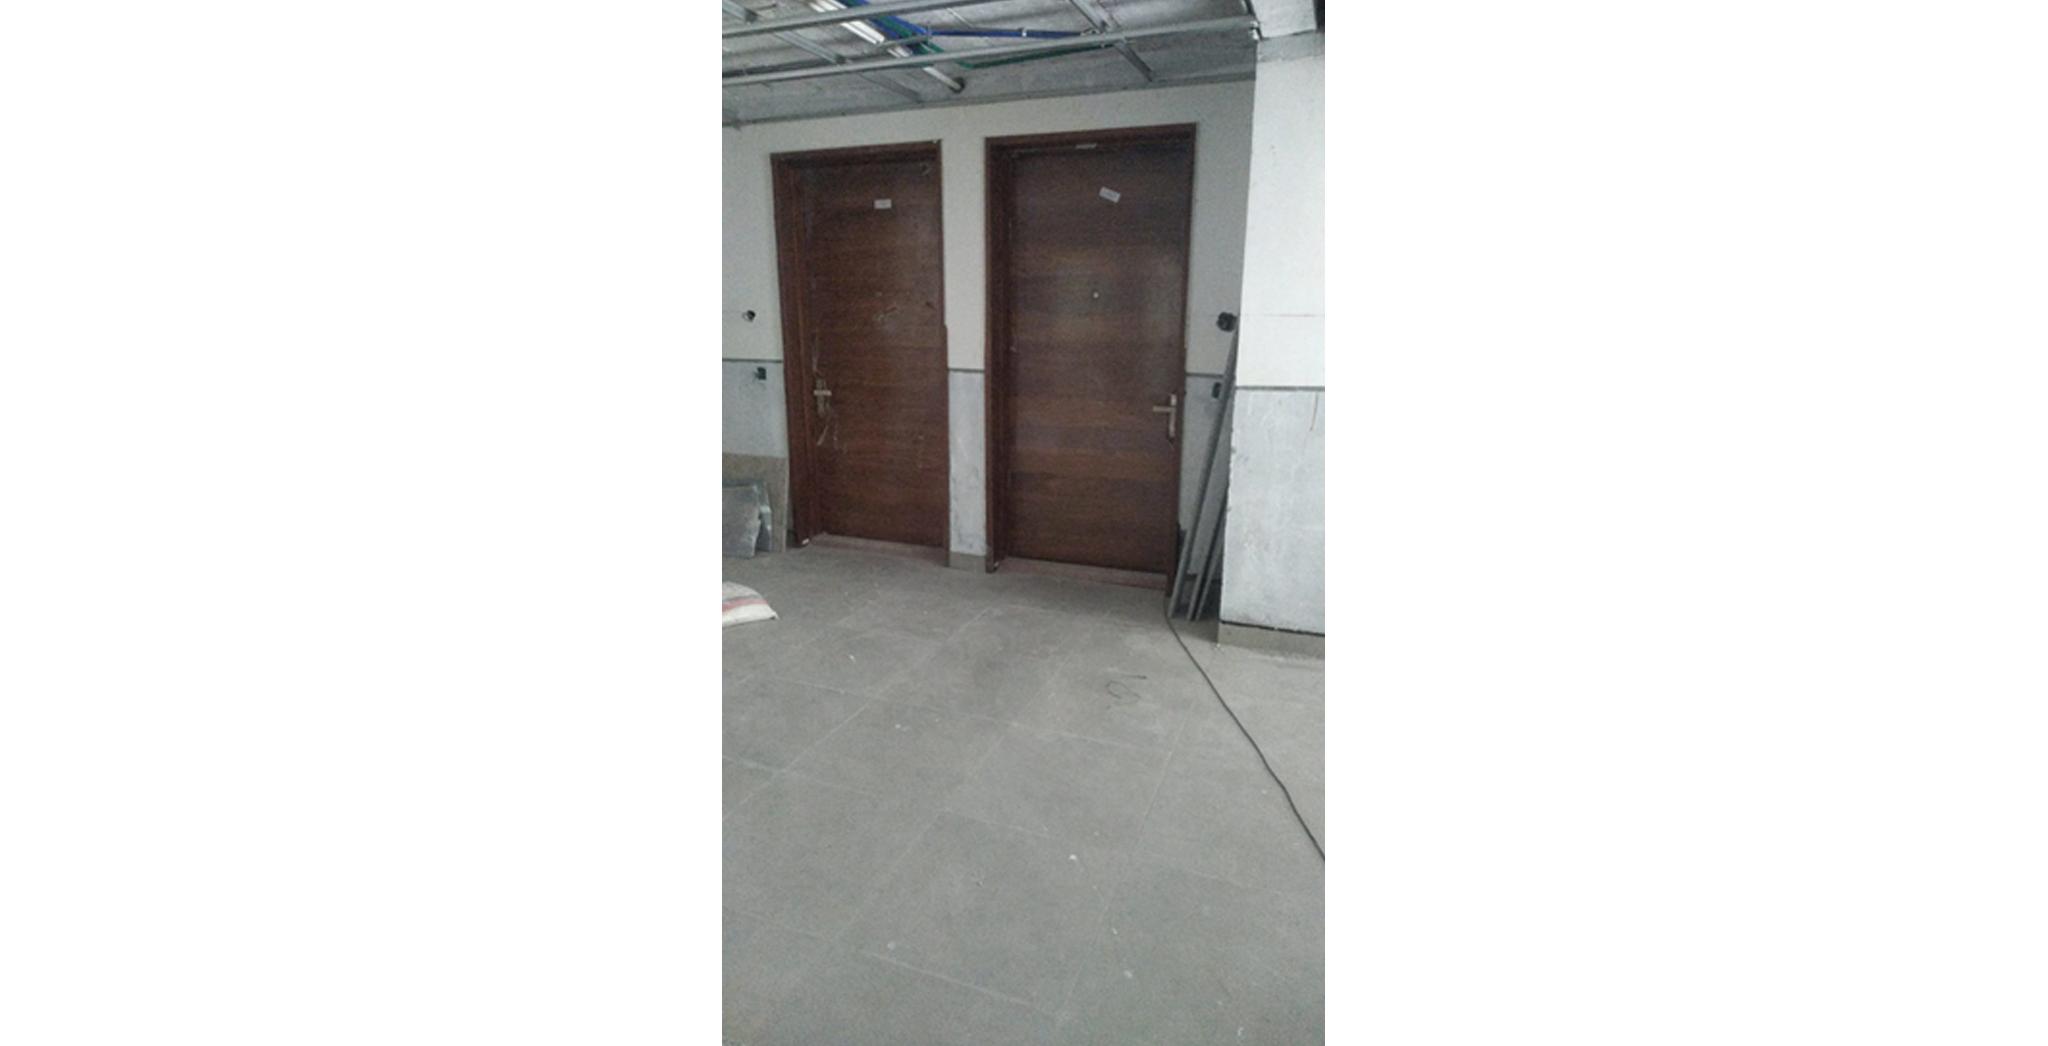 Aug 2021 - F Block: Wooden Door fixing in progress